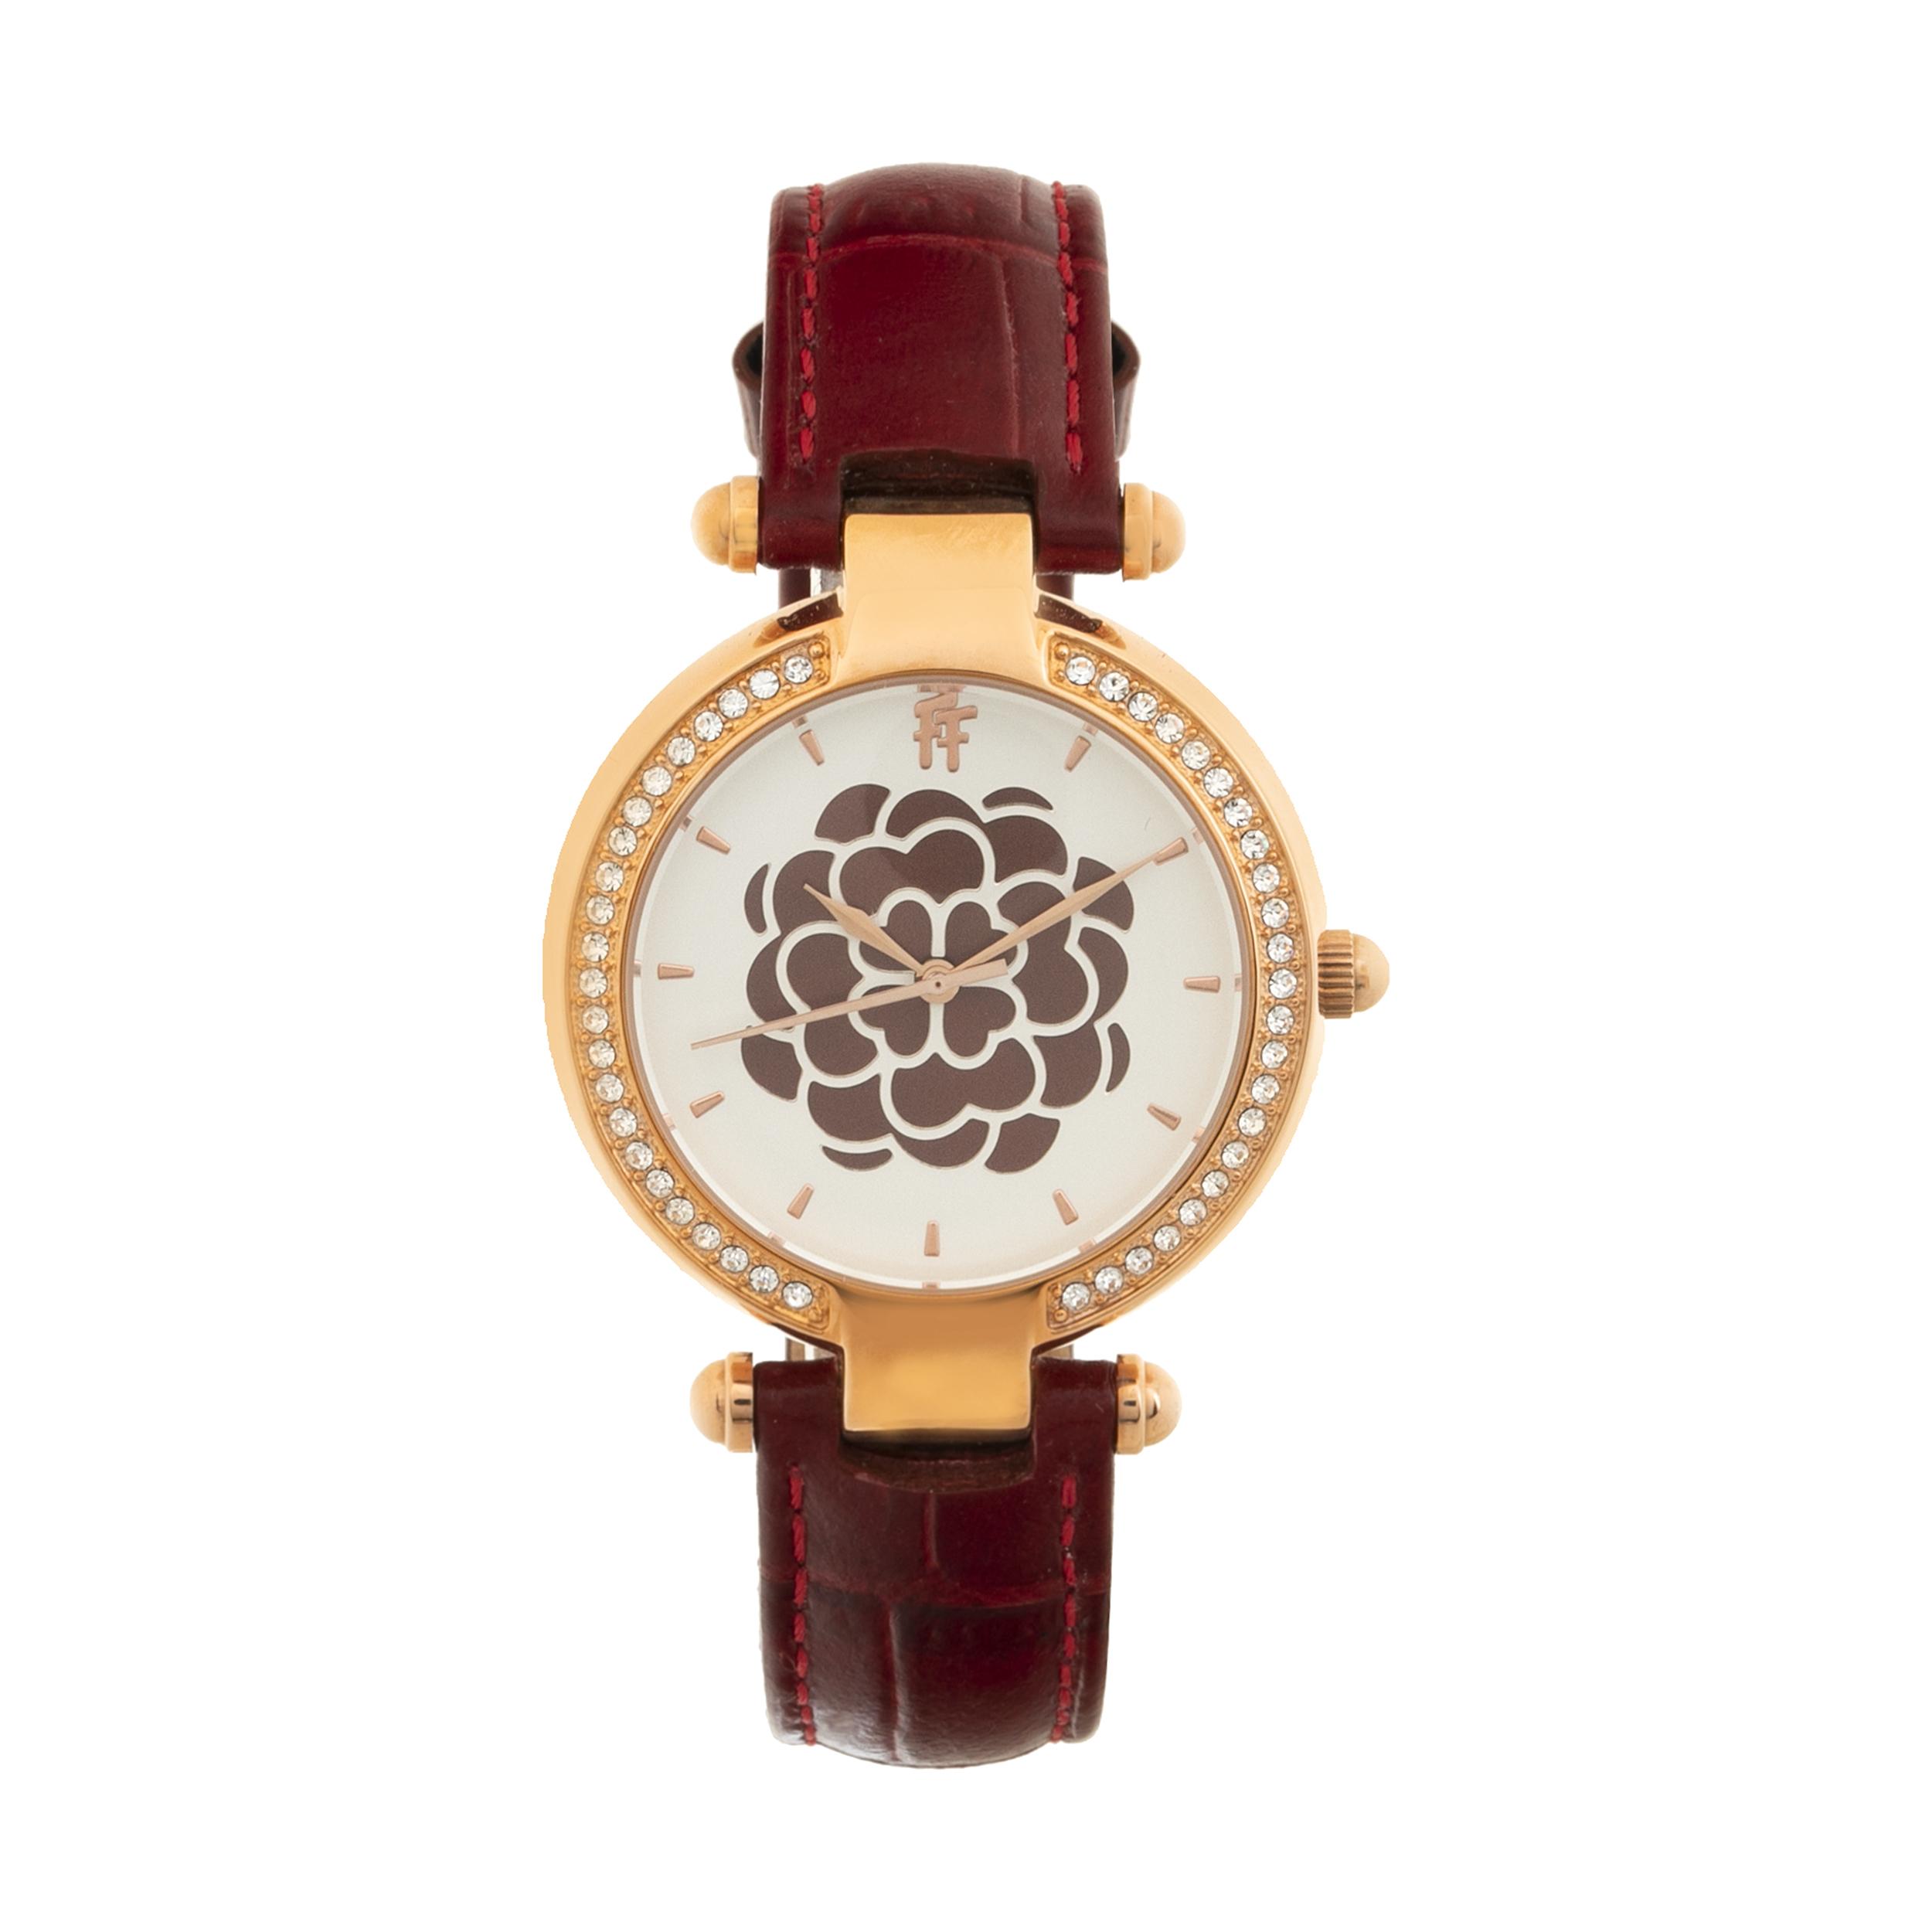 ساعت مچی عقربه ای زنانه فولی فولیه مدل WF15B038SPR-BU (بدون جعبه اورجینال)              خرید (⭐️⭐️⭐️)